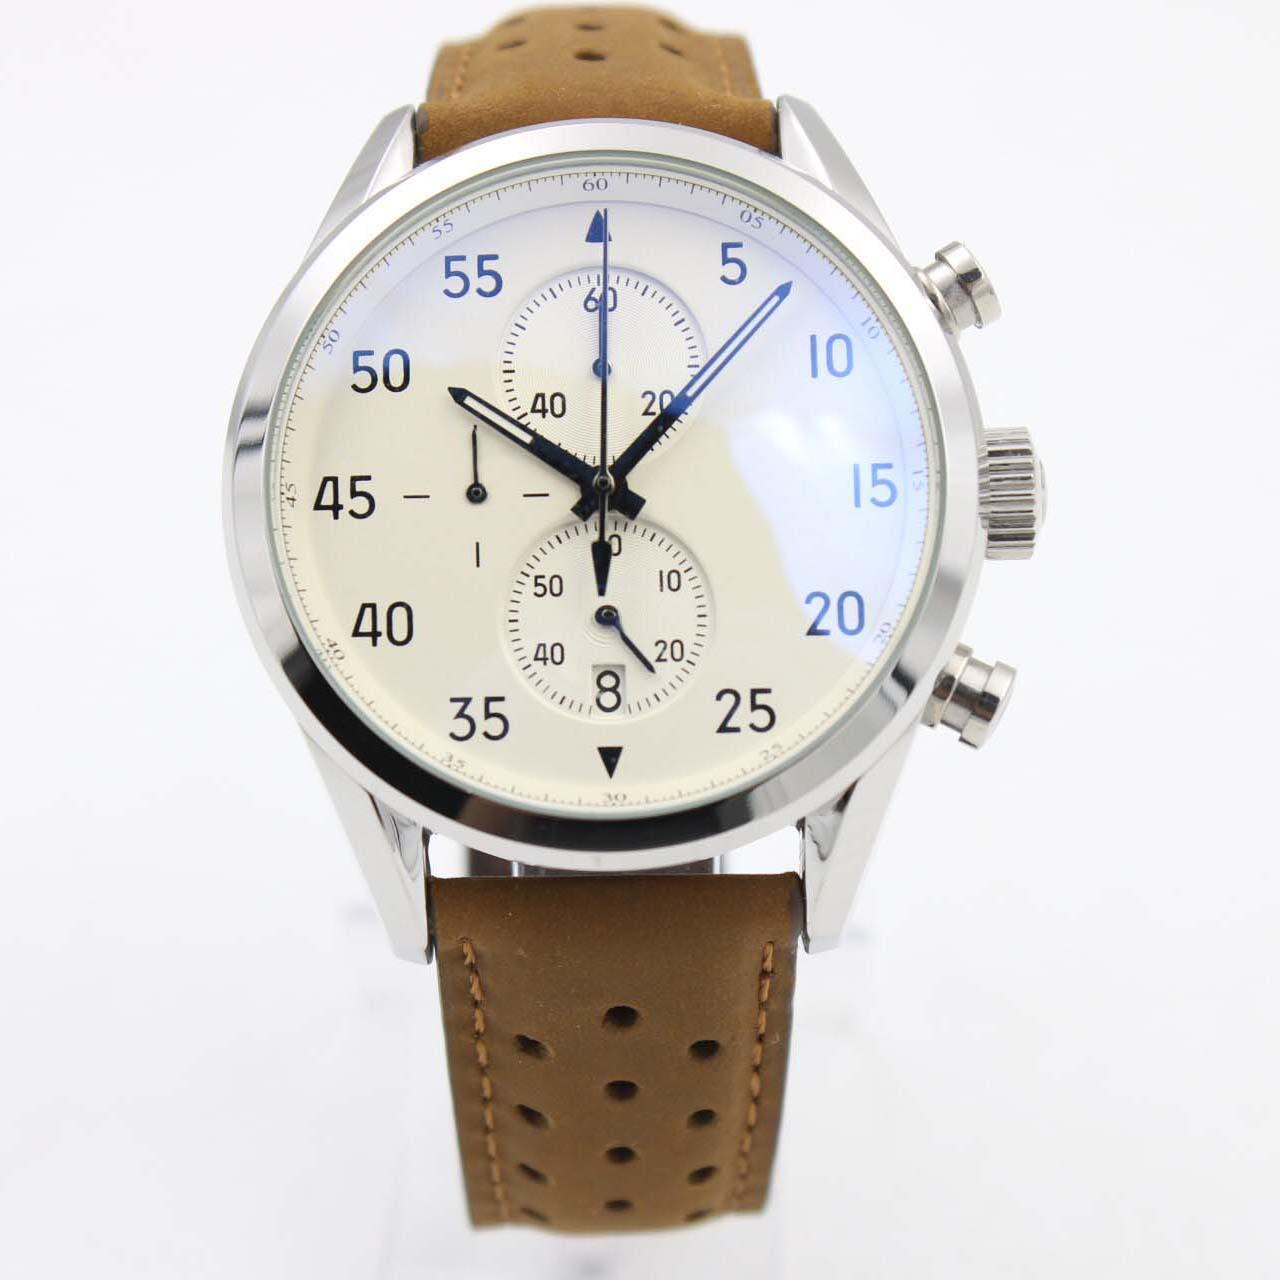 Clássico Relógios Novos Espaço Marrom Chrono Chrono Calibre Cinto Cinto Branco Gent VK Cronógrafo Couro Relógio Mens Esportes Estilo Relógios de Relógios